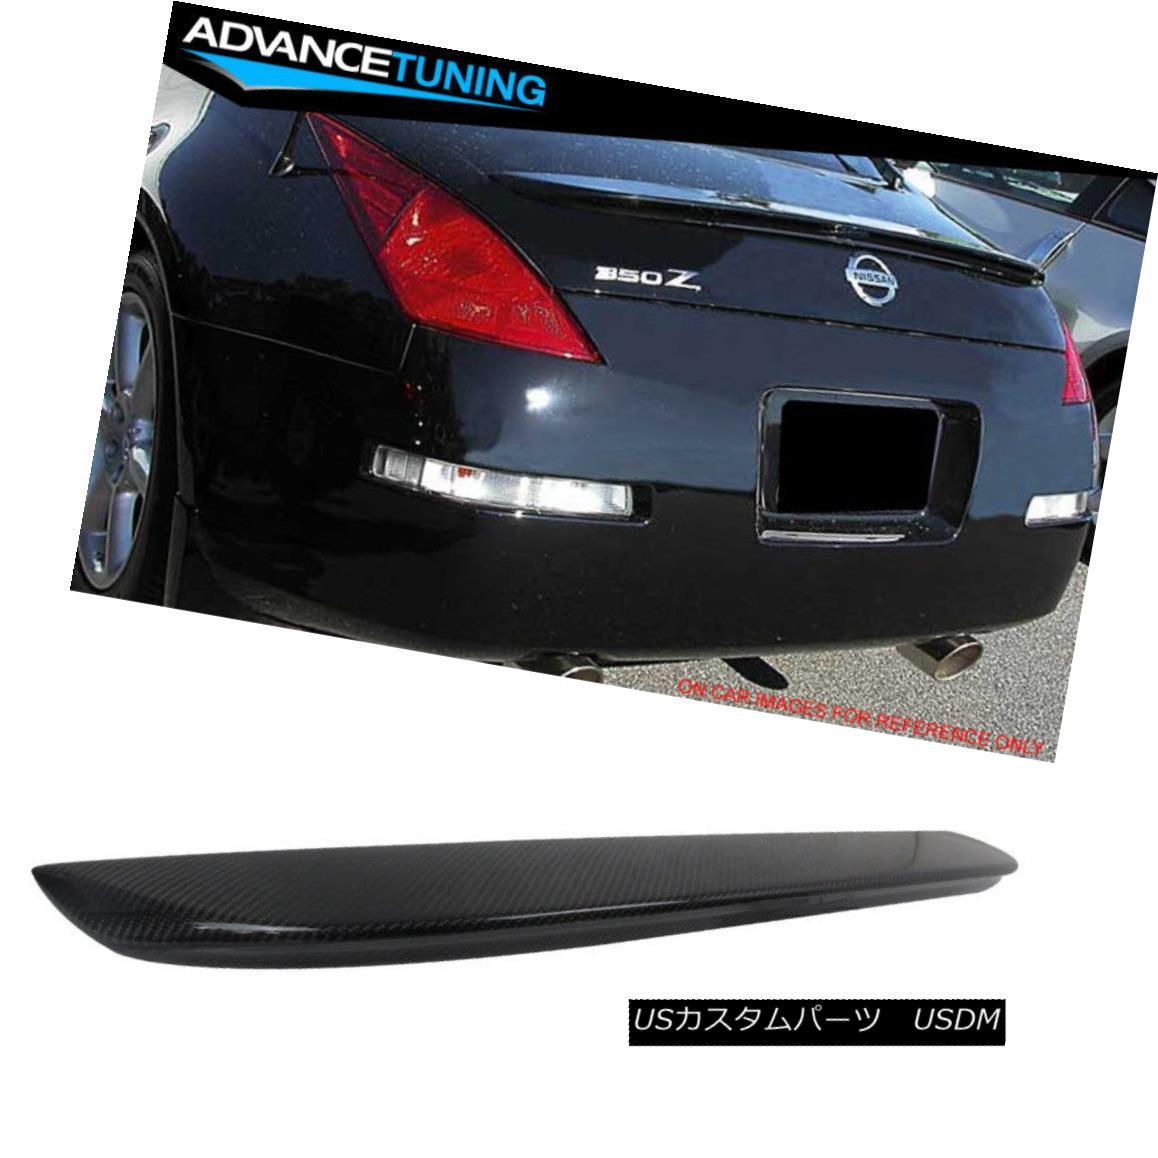 エアロパーツ Fits 03-08 Nissan 350Z Z33 Coupe OE Style Carbon Fiber Rear Trunk Spoiler Wing フィット03-08日産350Z Z33クーペOEスタイルカーボンファイバーリアトランクスポイラーウィング